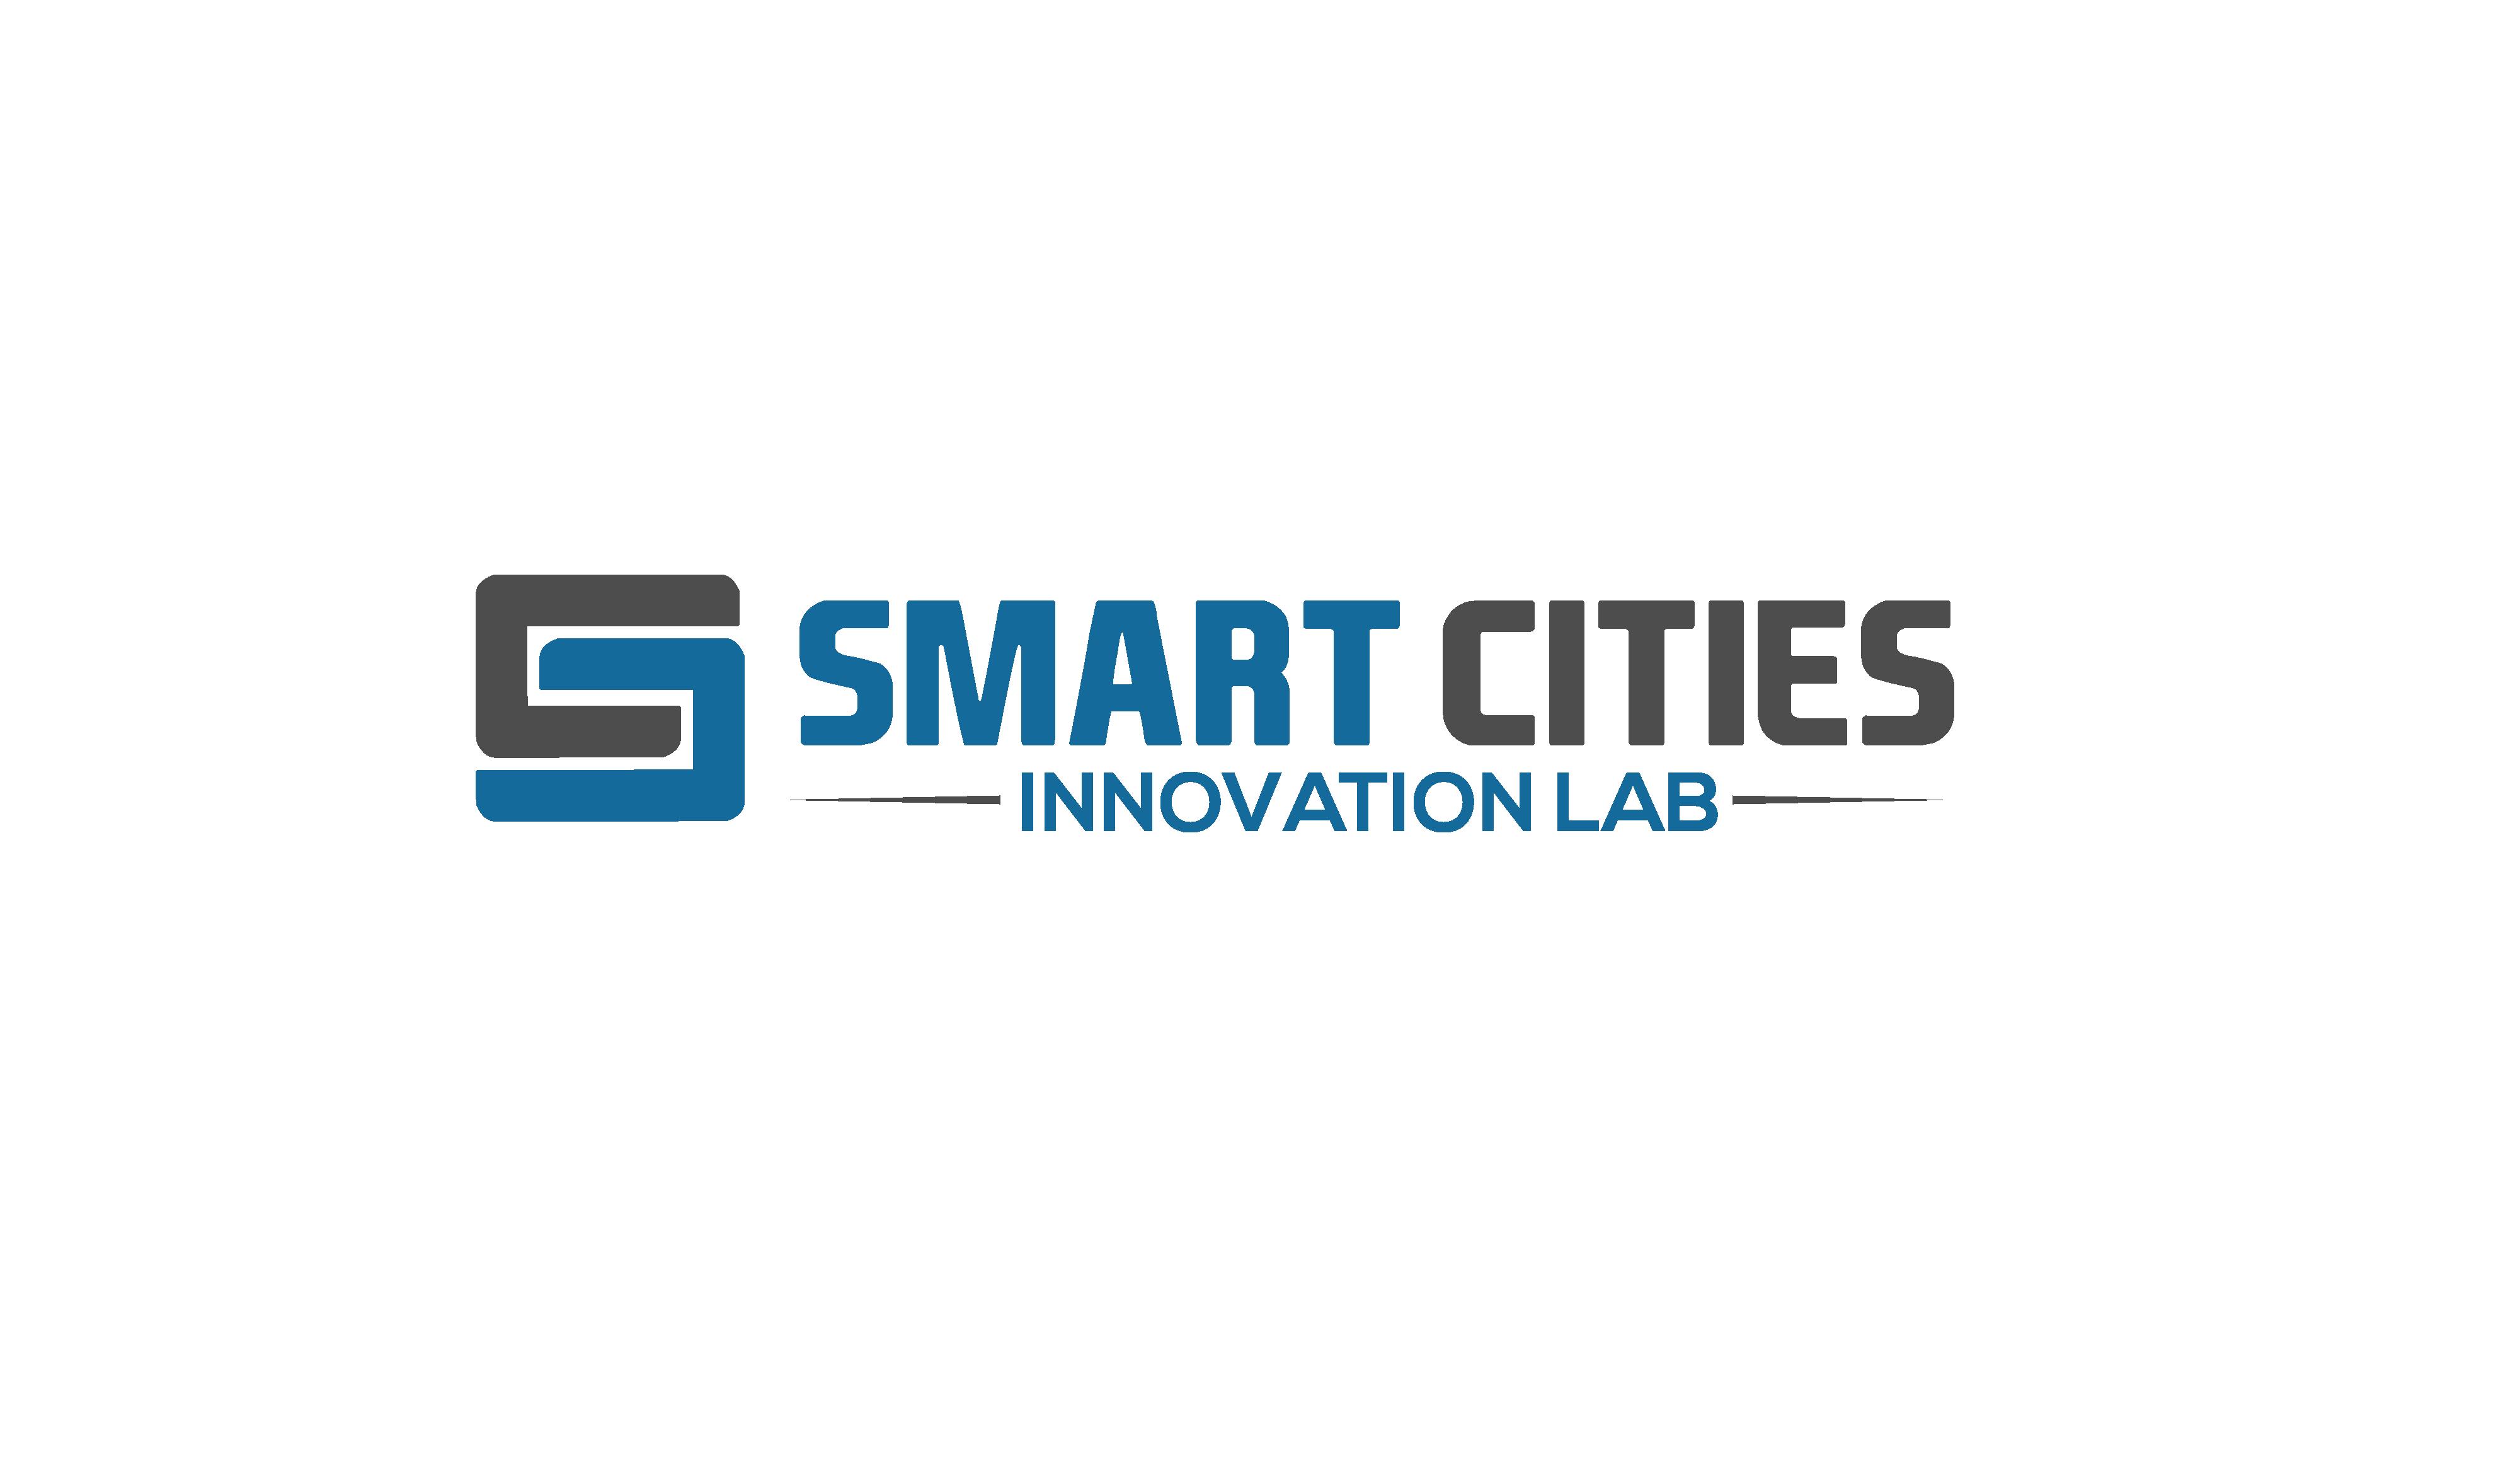 Smart Cities Innovation Lab